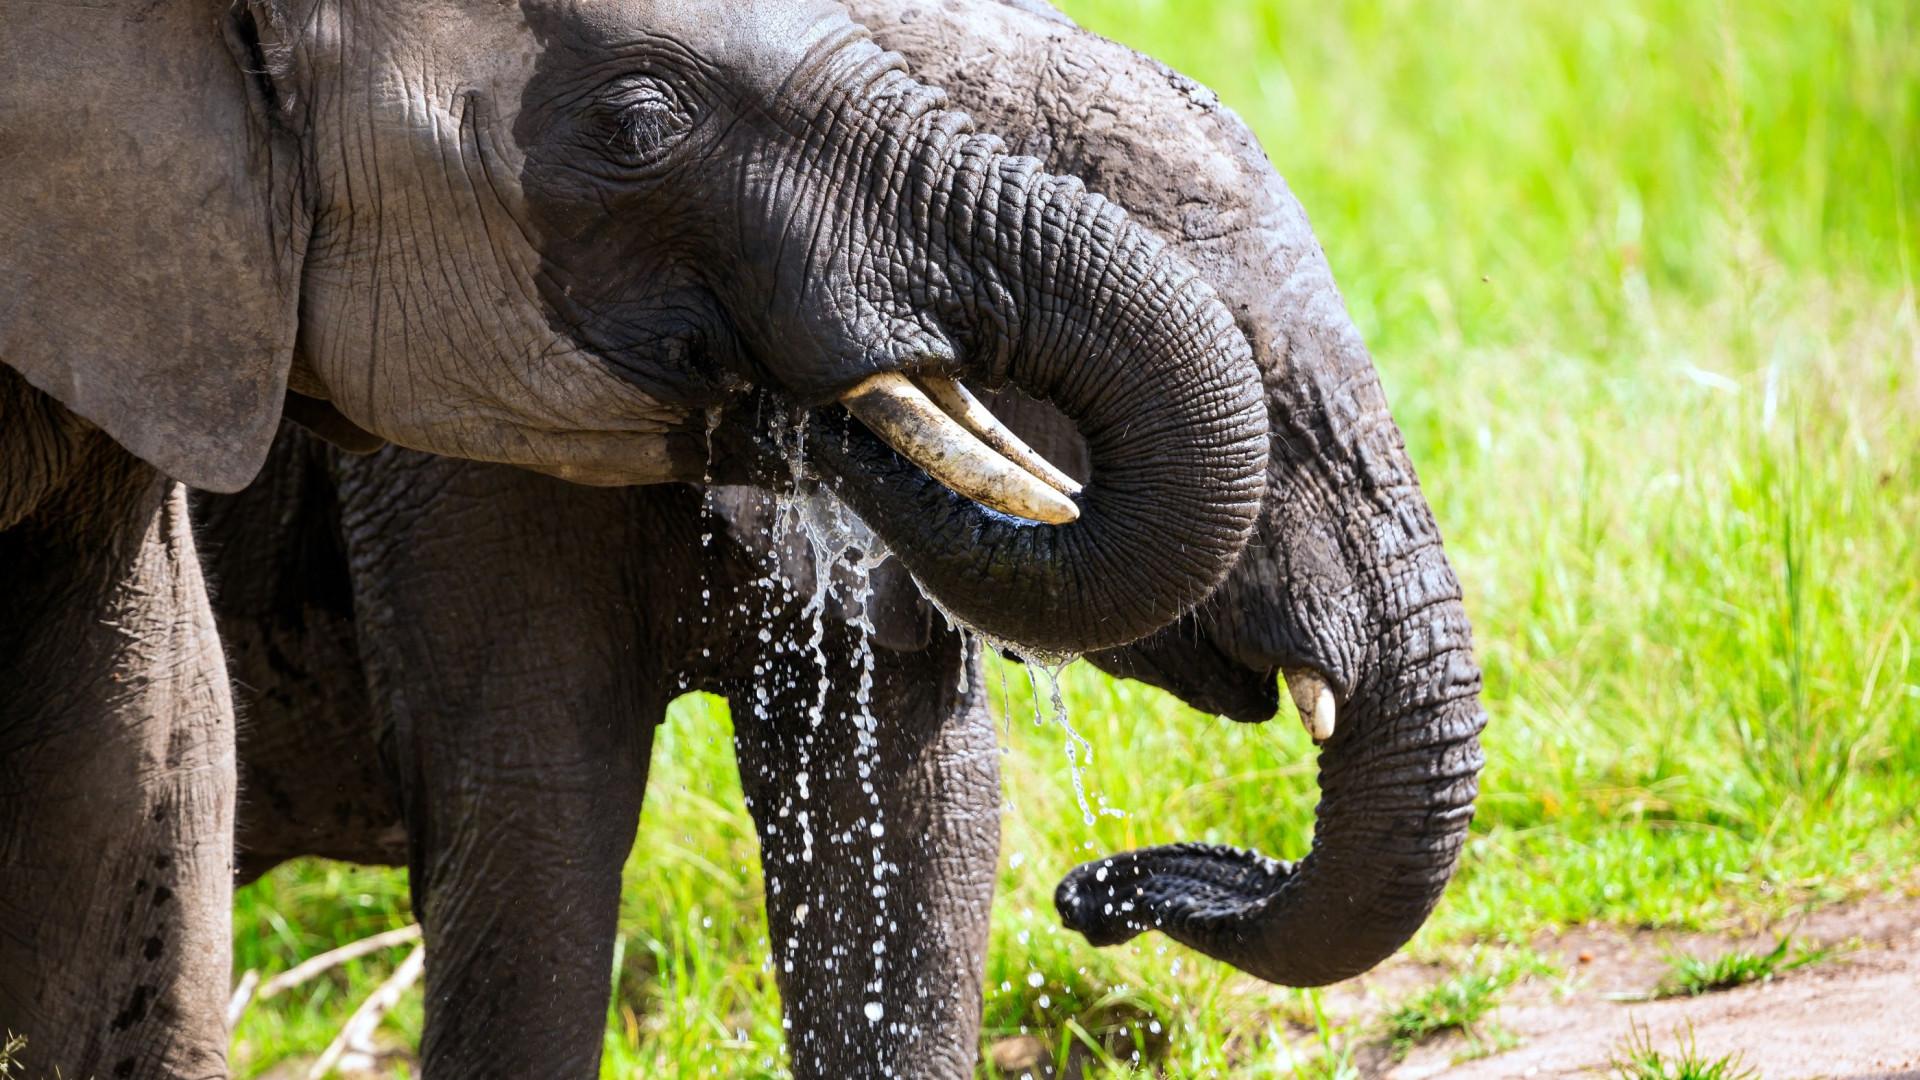 SABIA QUE os elefantes sentem o cheiro da água a até 5 km de distância?